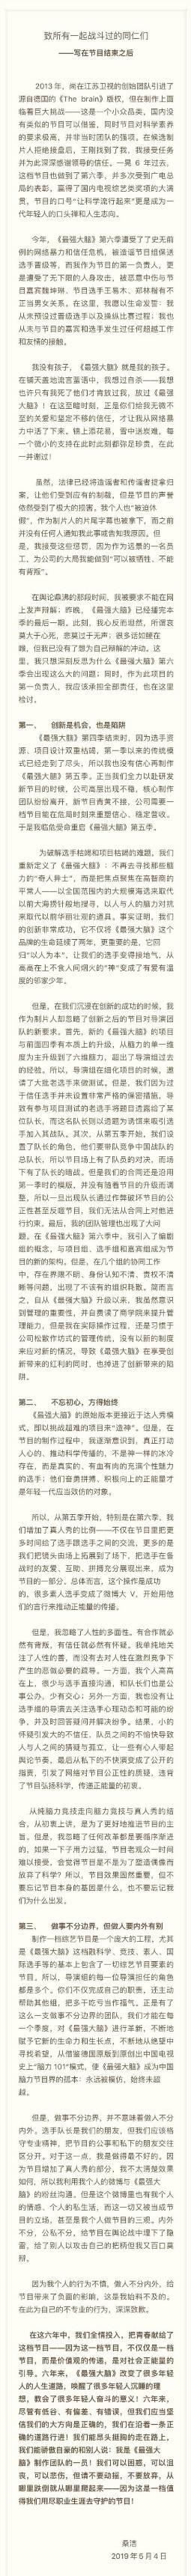 桑洁发文回应争议:从未操纵比赛或有不正当关系